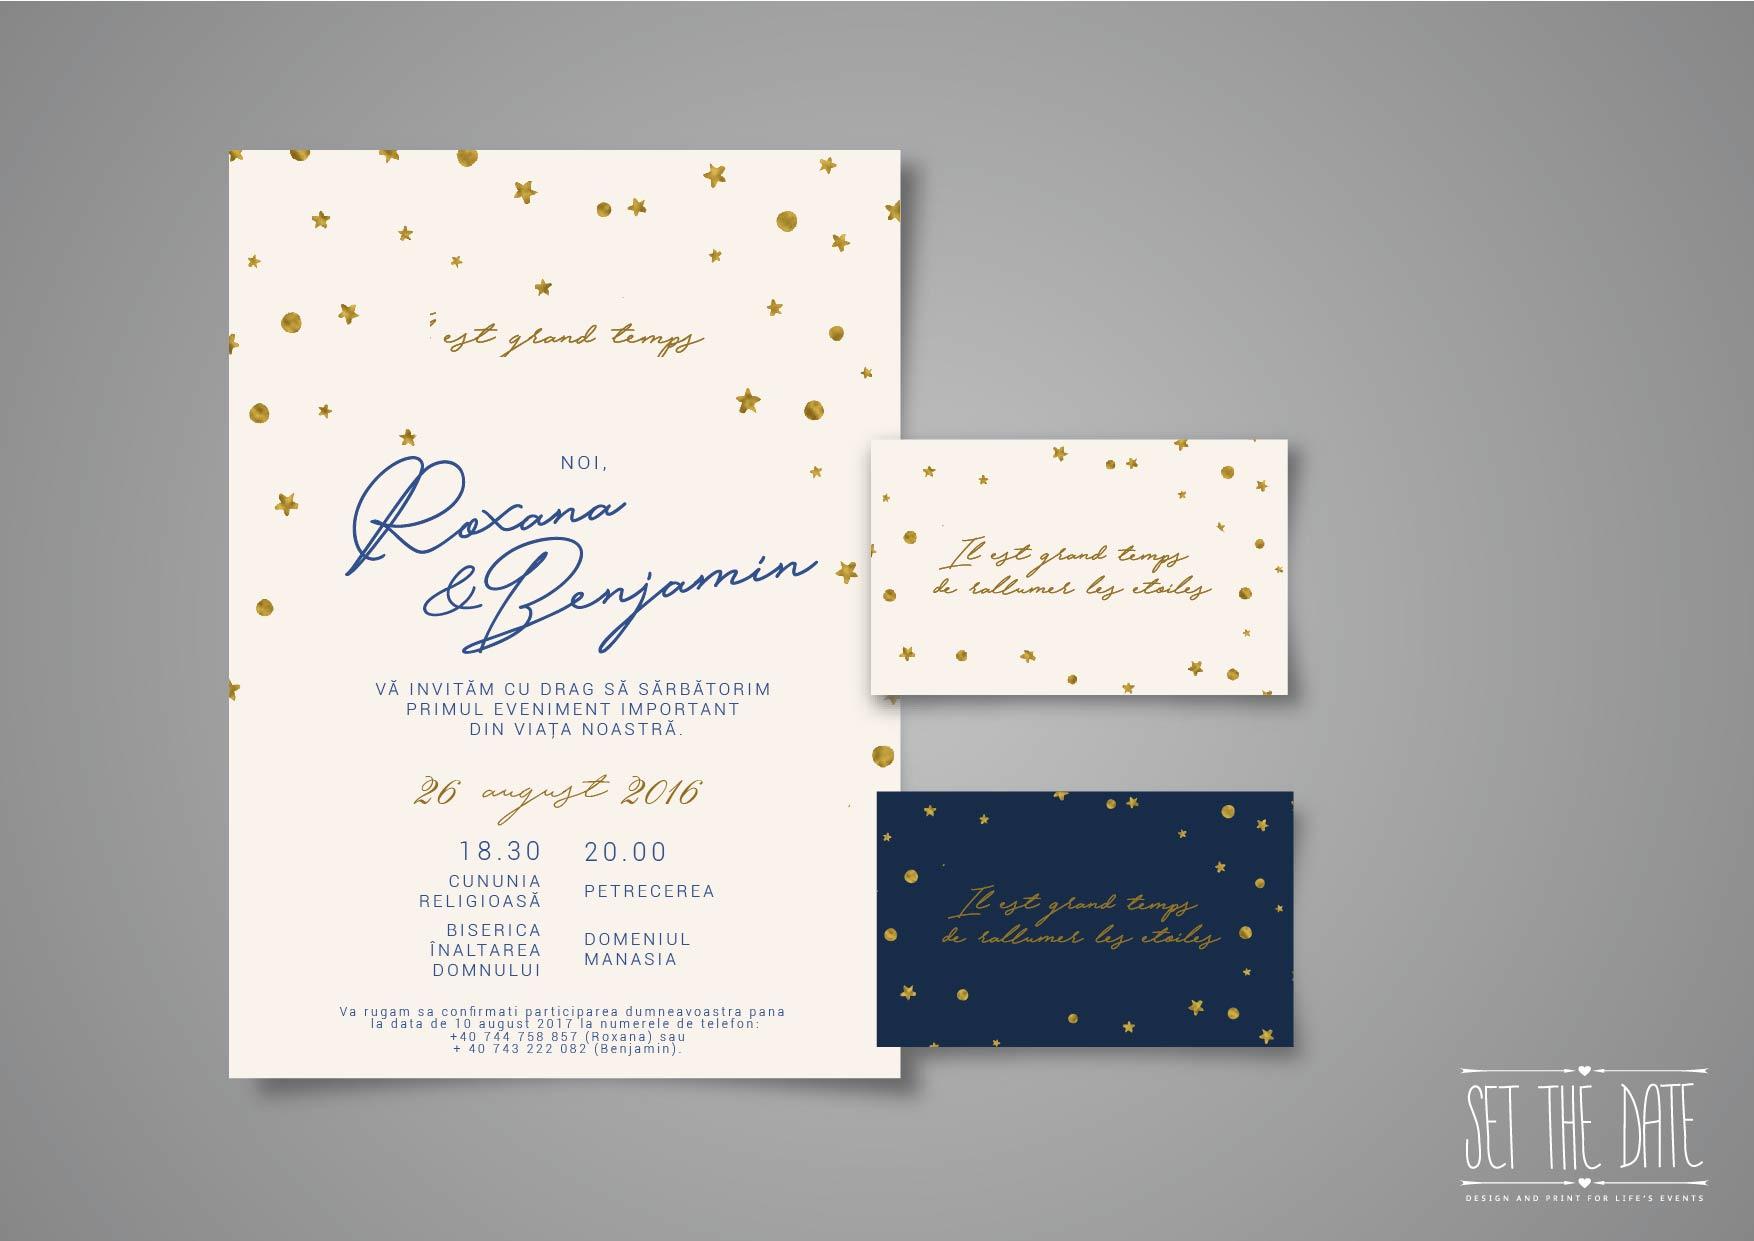 invitatie_Roxana si Benjamin_new-01.jpg